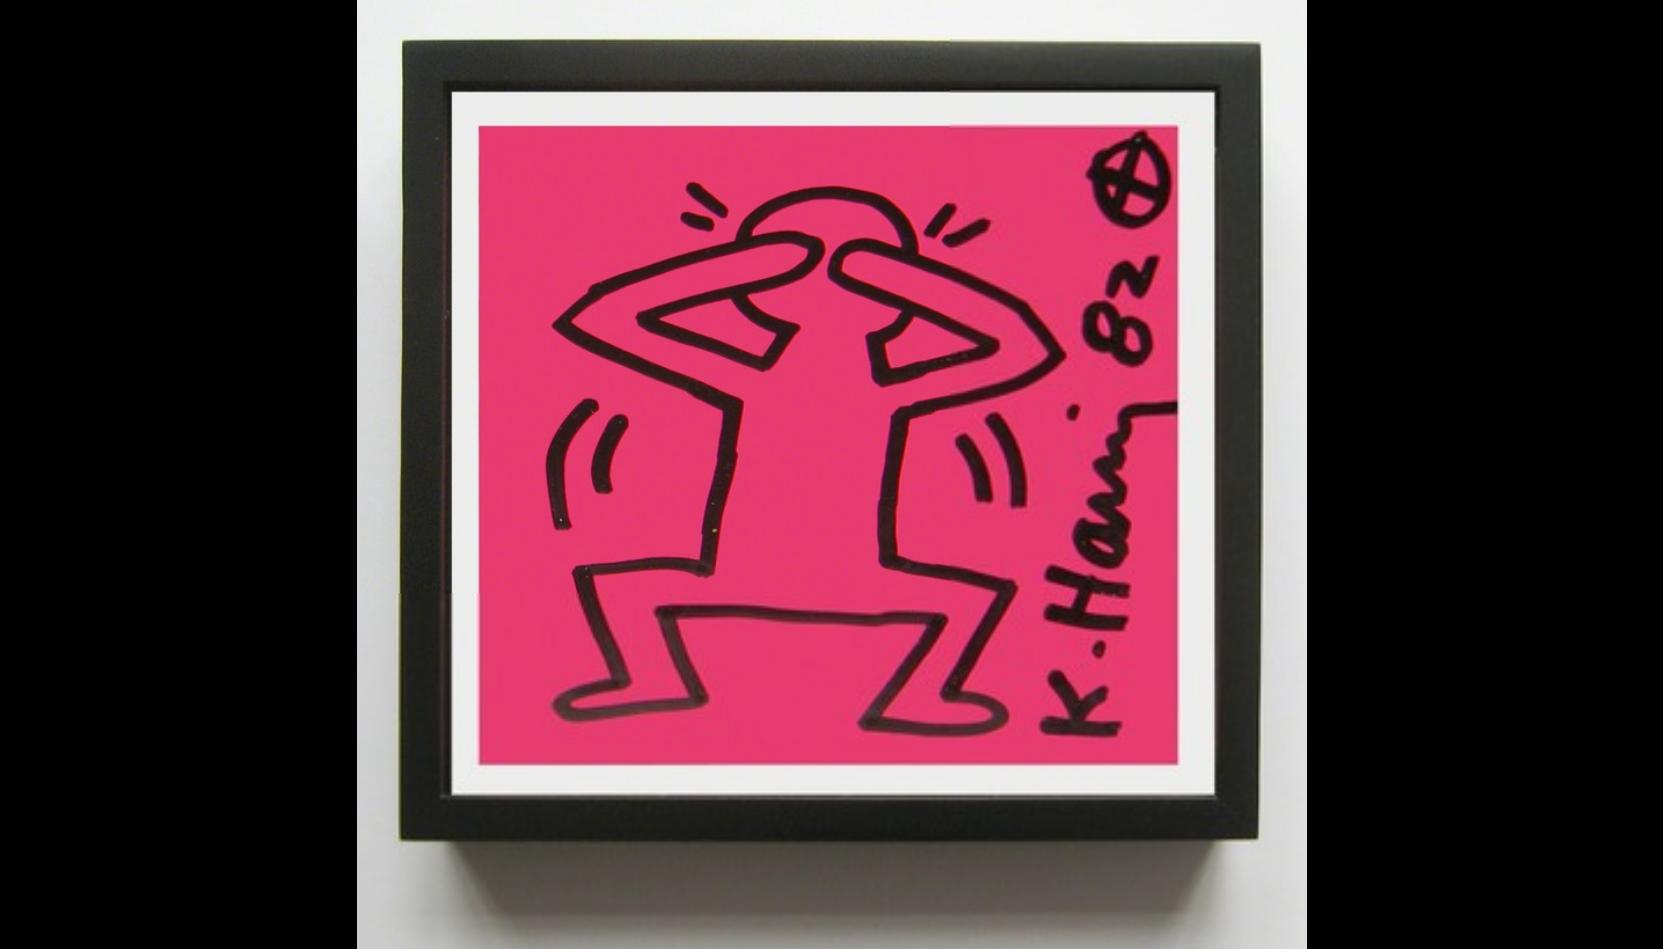 keith-haris-desenho-nova-york-anos-80-aids-dionisio-arte (11)